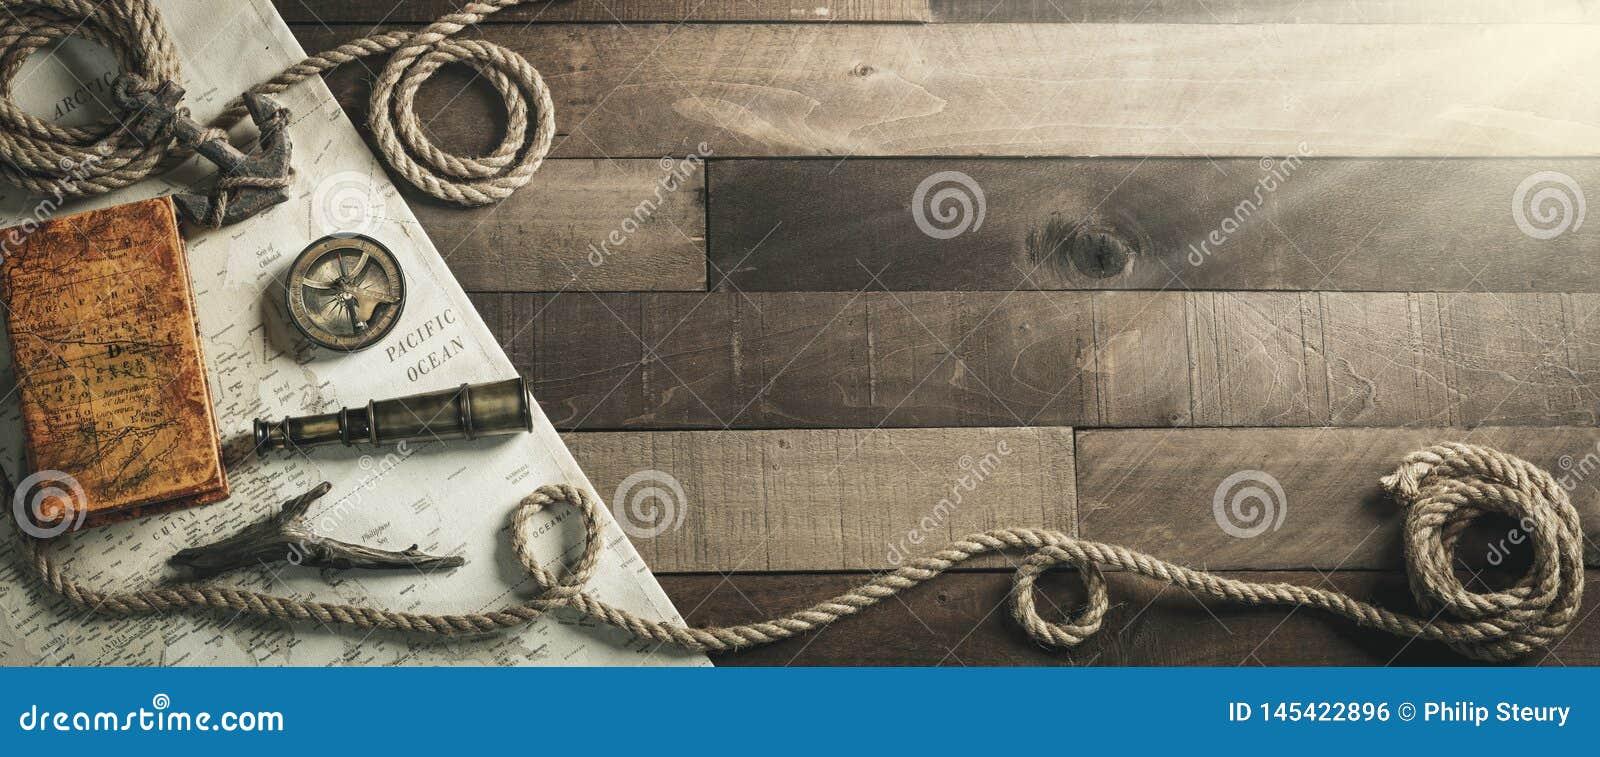 Rocznik podróży Nautyczni instrumenty Z arkaną I kotwicą Na Drewnianym statku pokładu tle - podróży, przywódctwo pojęcie